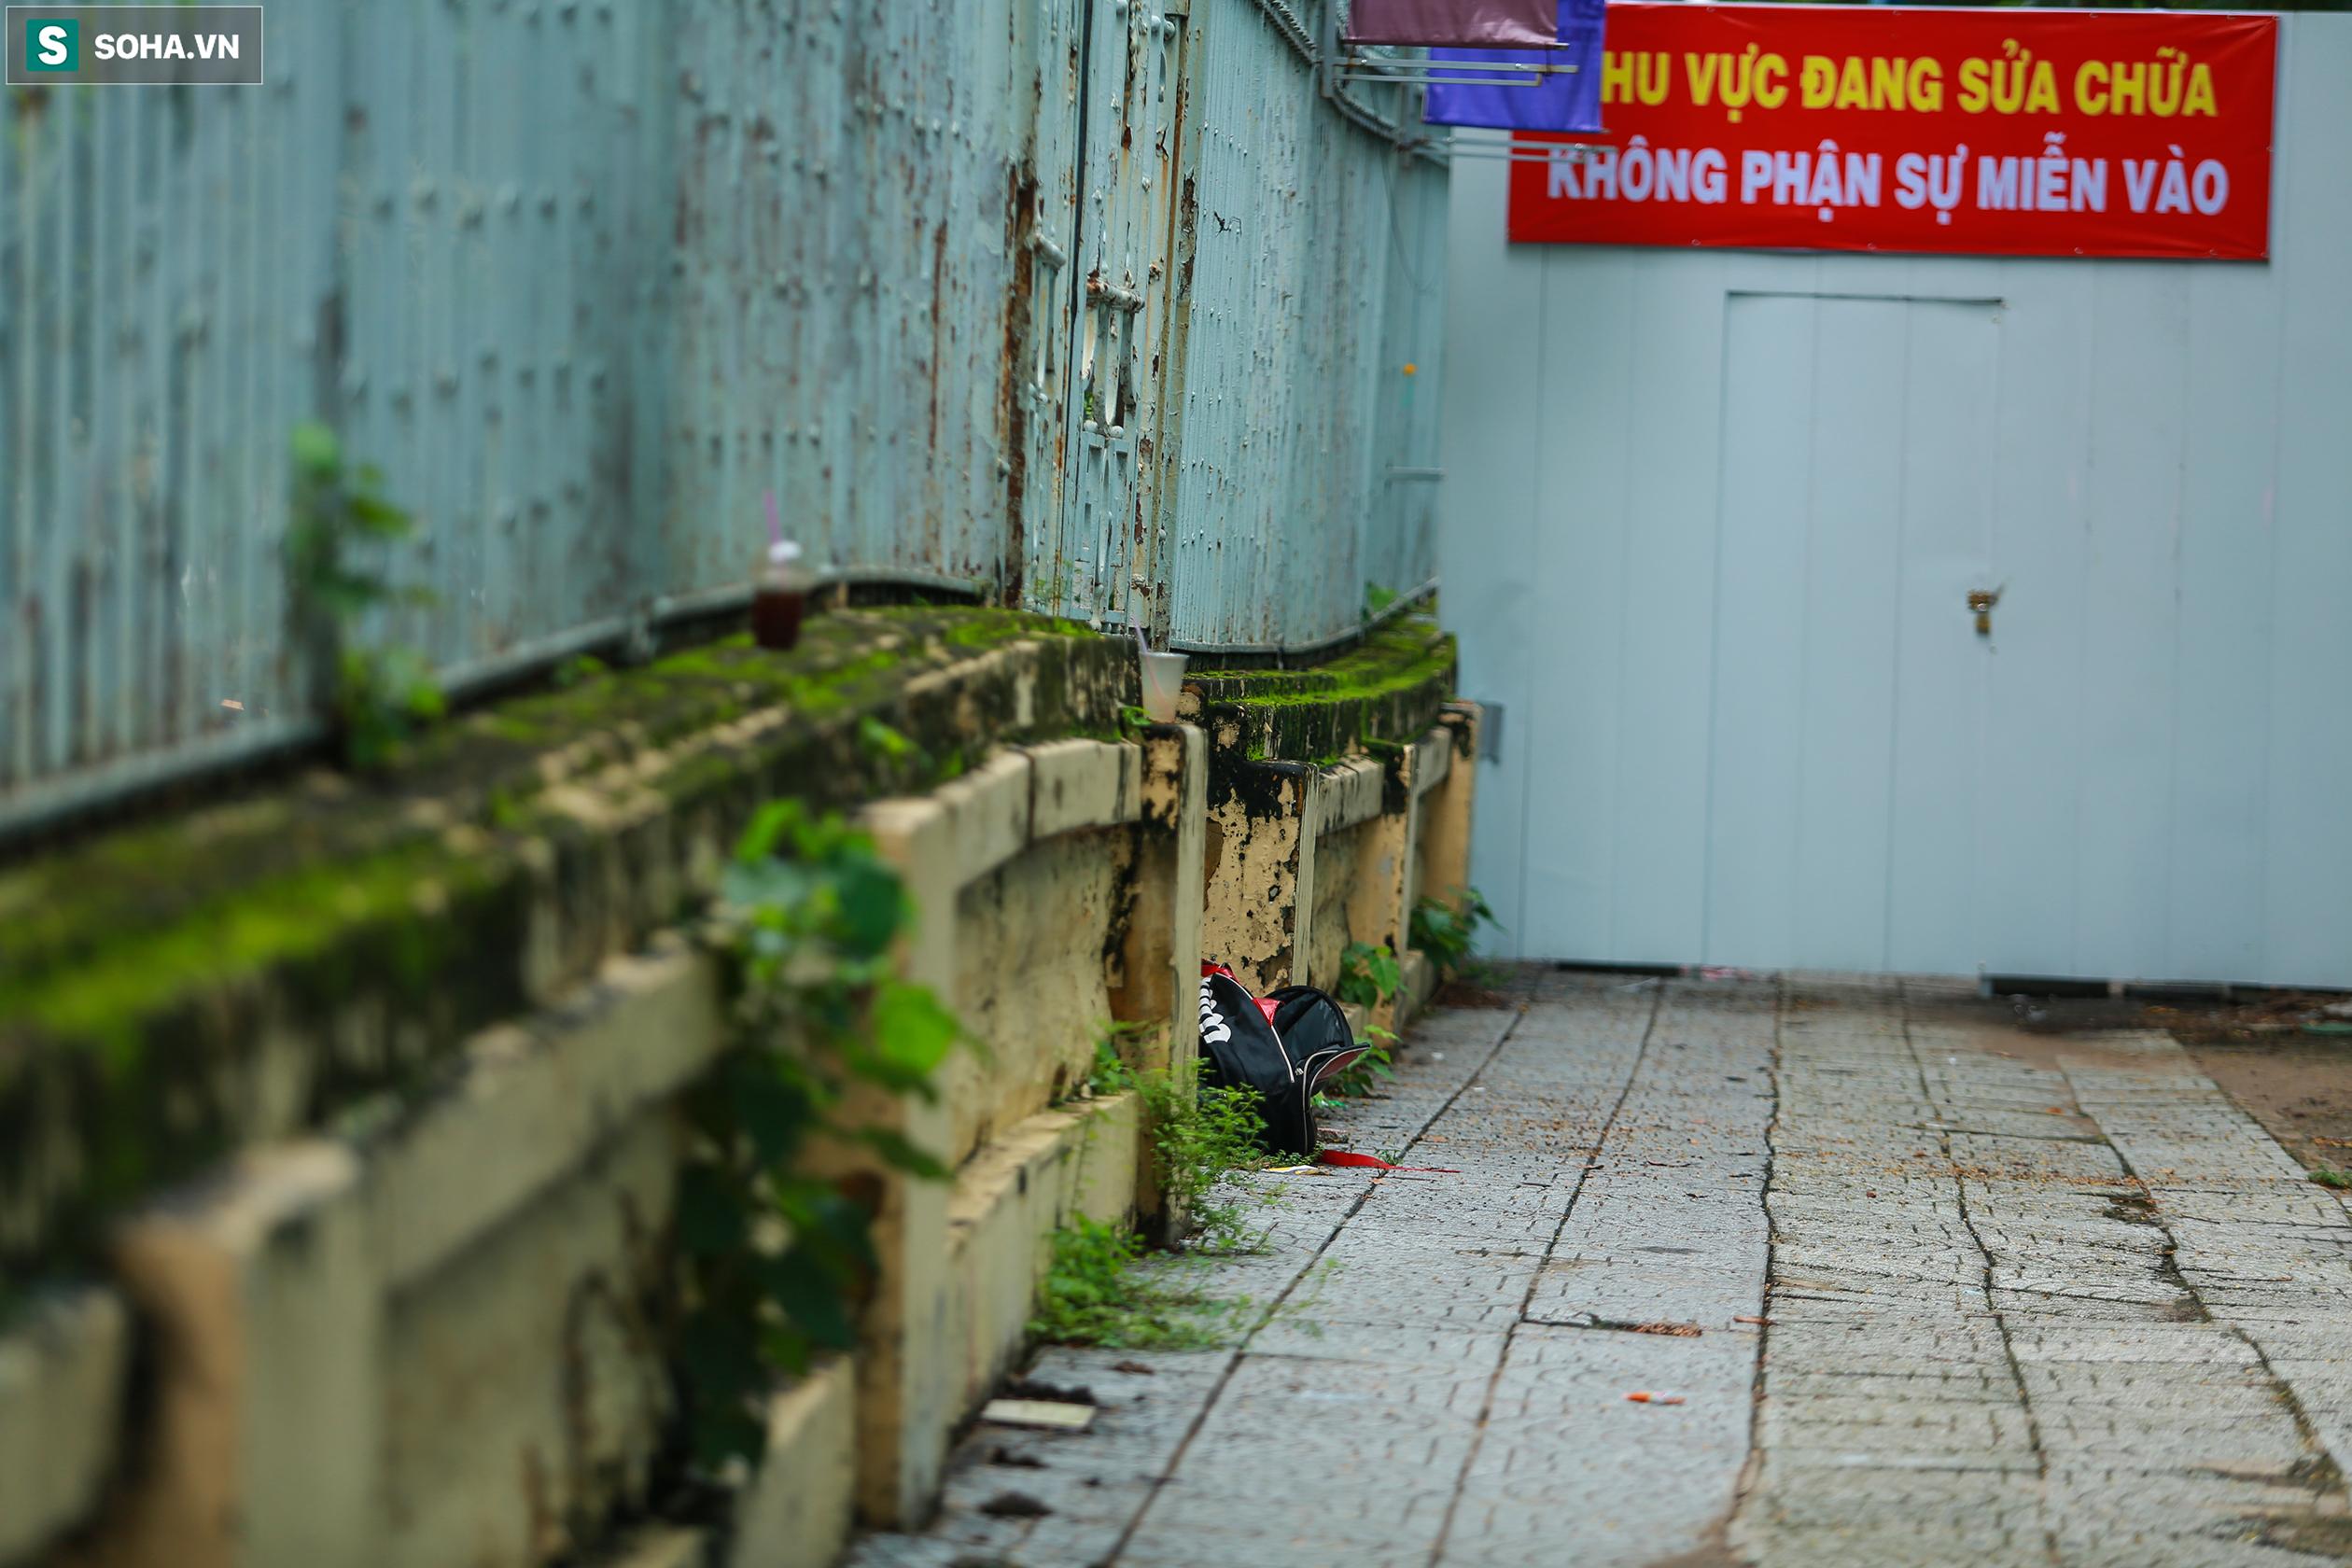 Dự án tứ giác Bến Thành có vị trí đắc địa bậc nhất TP.HCM thi công gây lún nứt Bảo tàng Mỹ thuật - Ảnh 11.